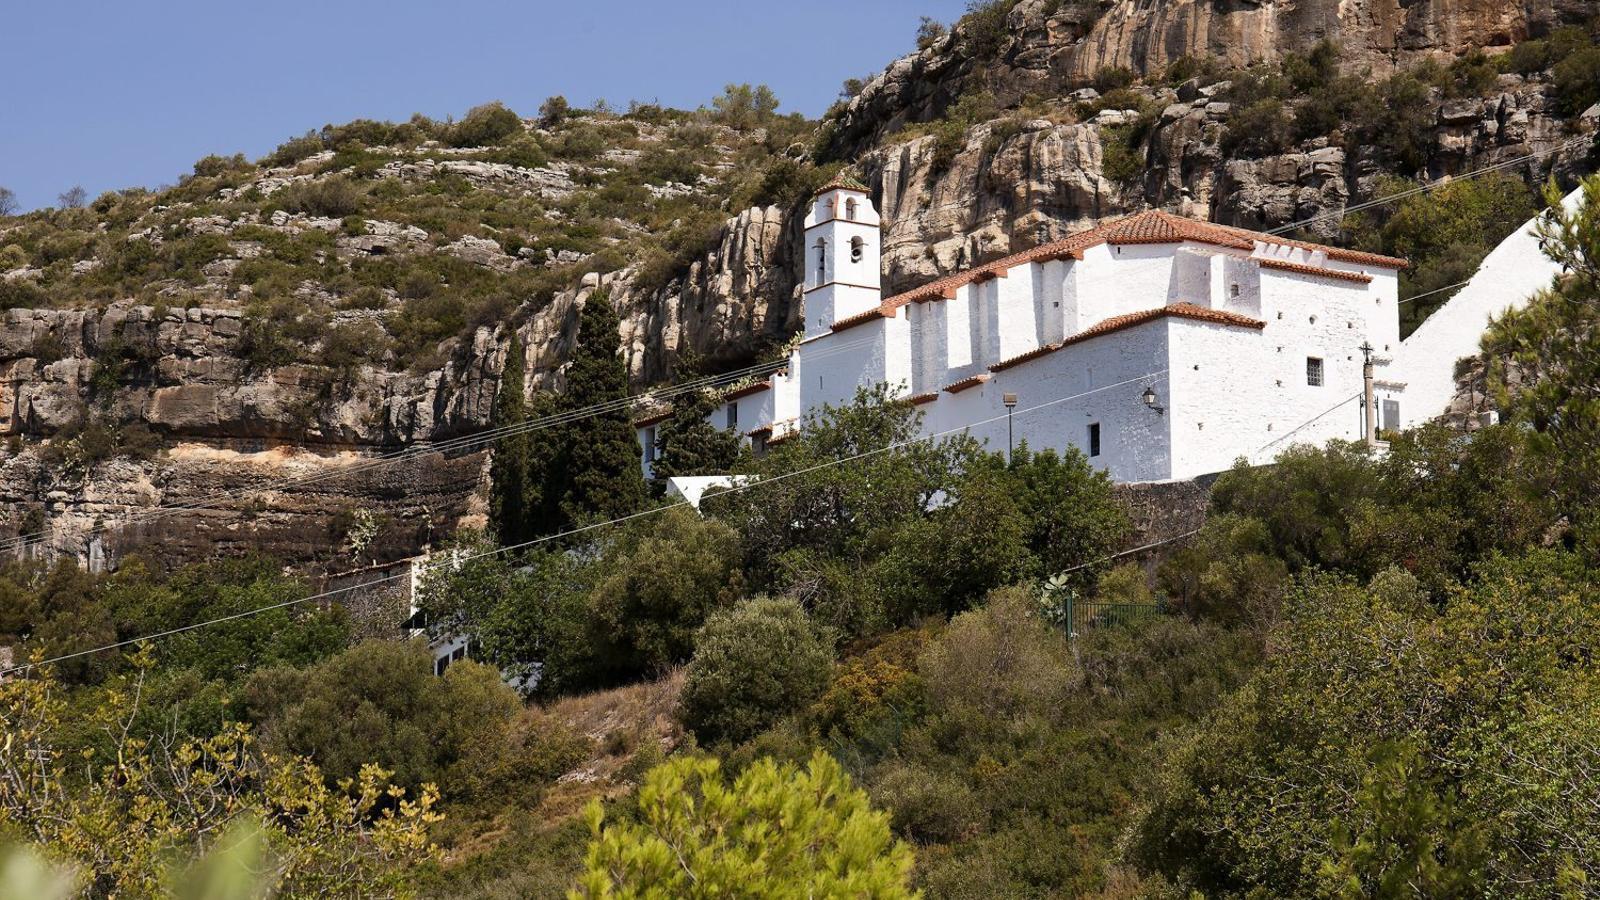 L'ermita de la Pietat d'Ulldecona és lloc de peregrinacions i té un important conjunt d'art rupestre.